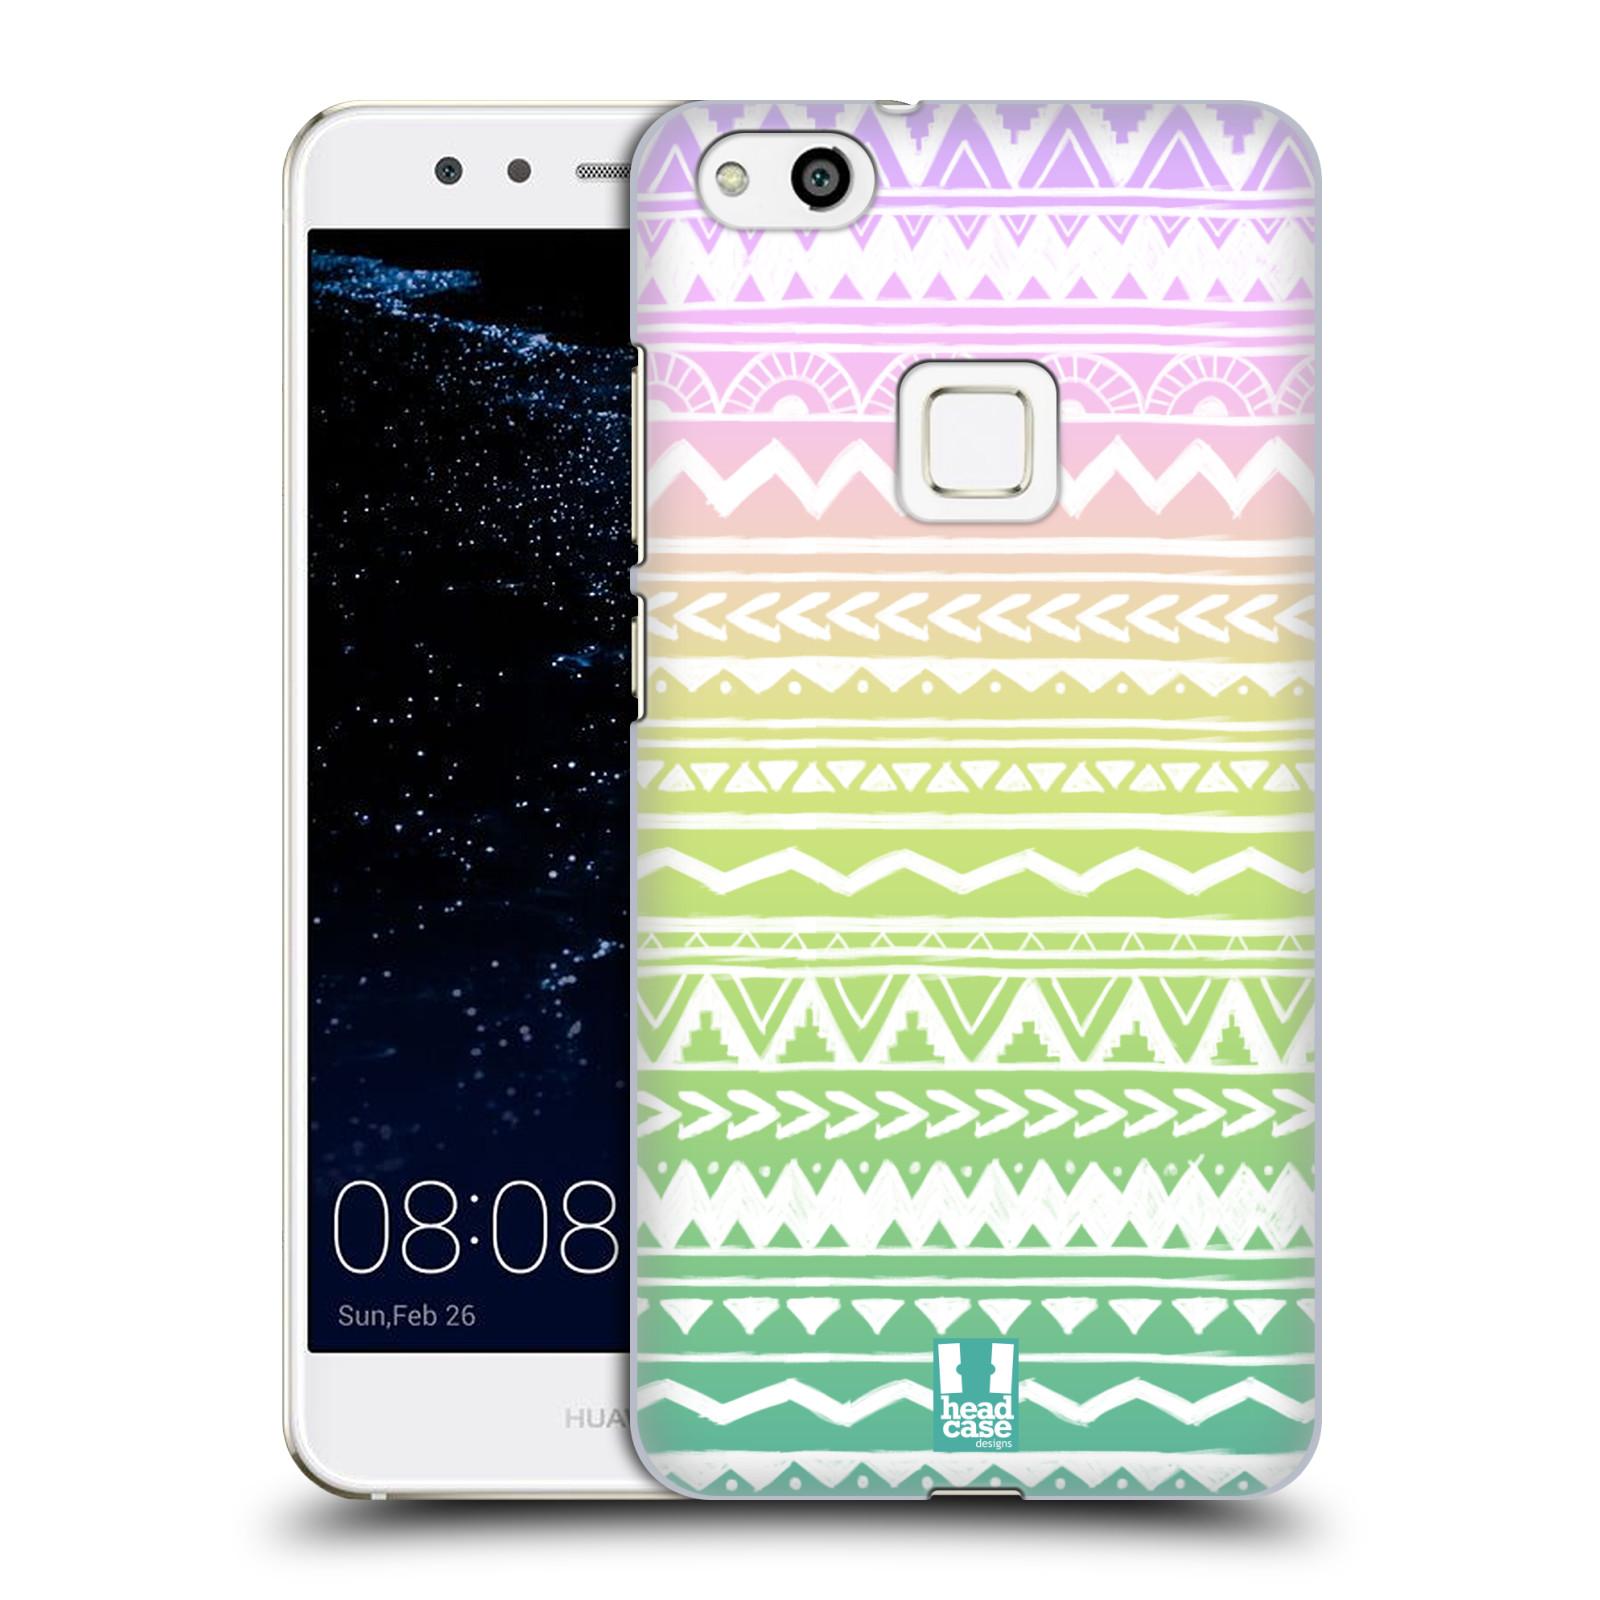 Plastové pouzdro na mobil Huawei P10 Lite Head Case - MIX AZTEC DRAWN (Plastový kryt či obal na mobilní telefon Huawei P10 Lite Dual SIM (LX1/LX1A))